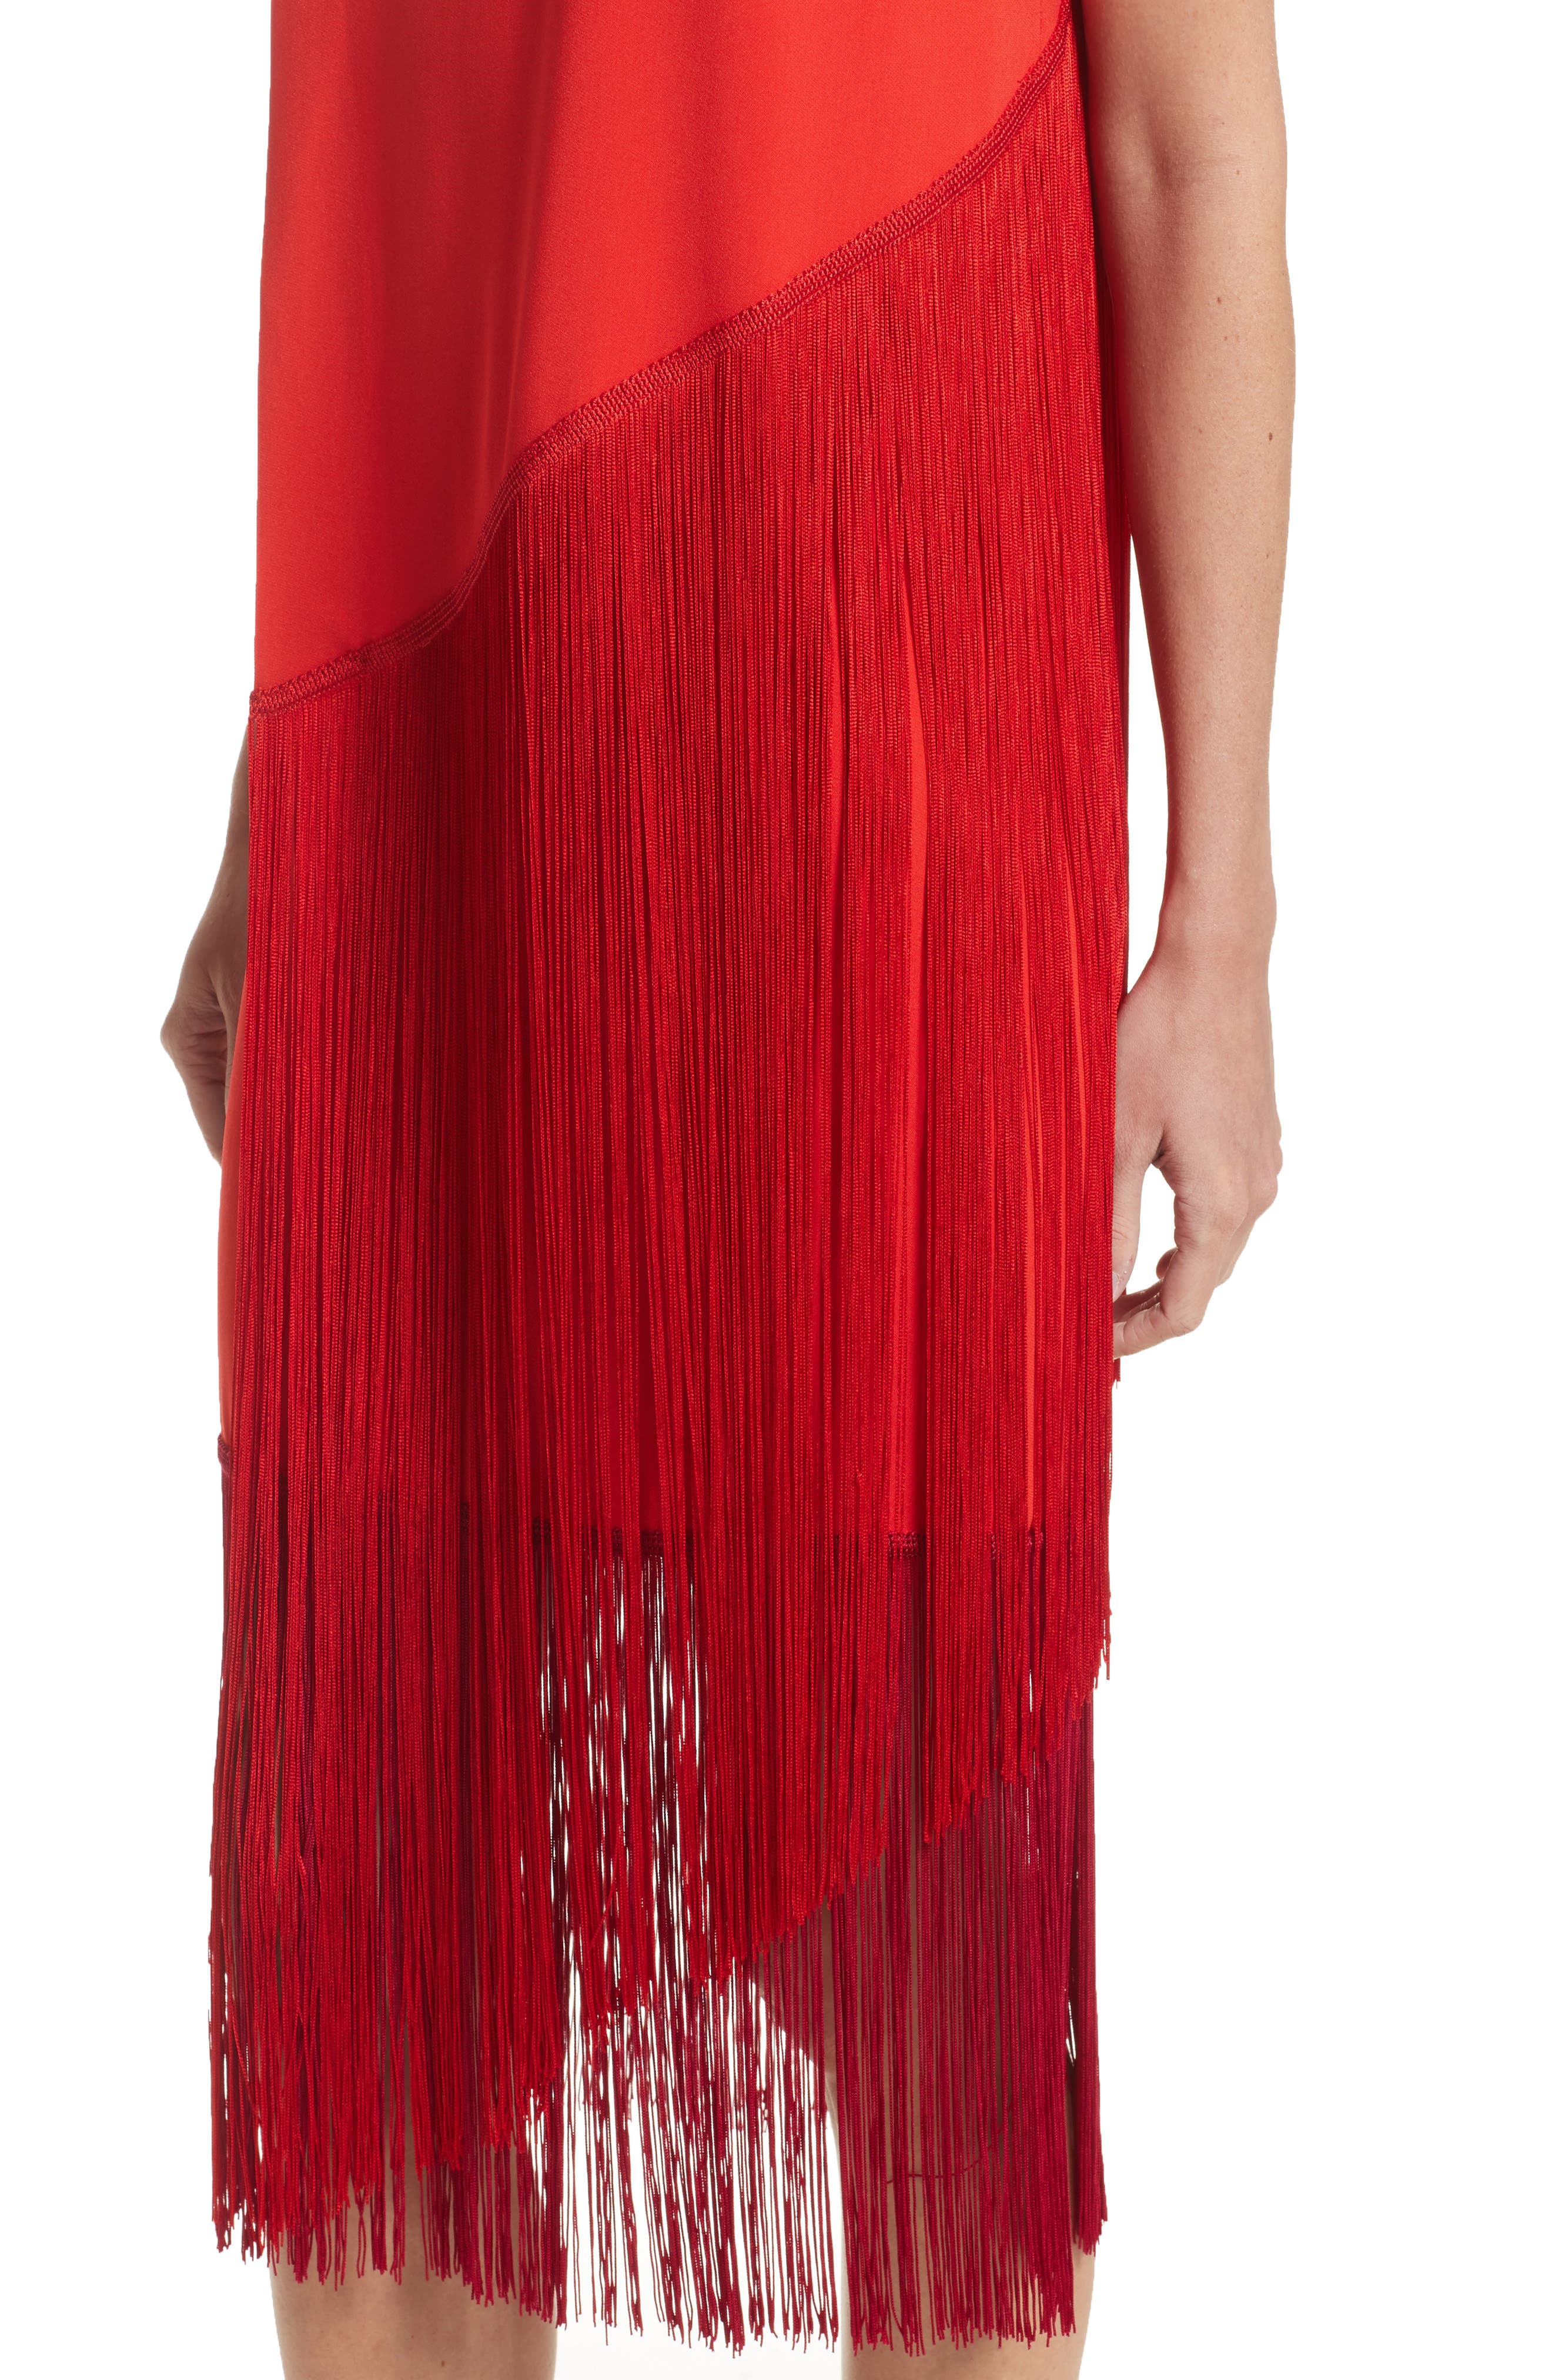 Fringe Overlay Dress,                             Alternate thumbnail 4, color,                             612